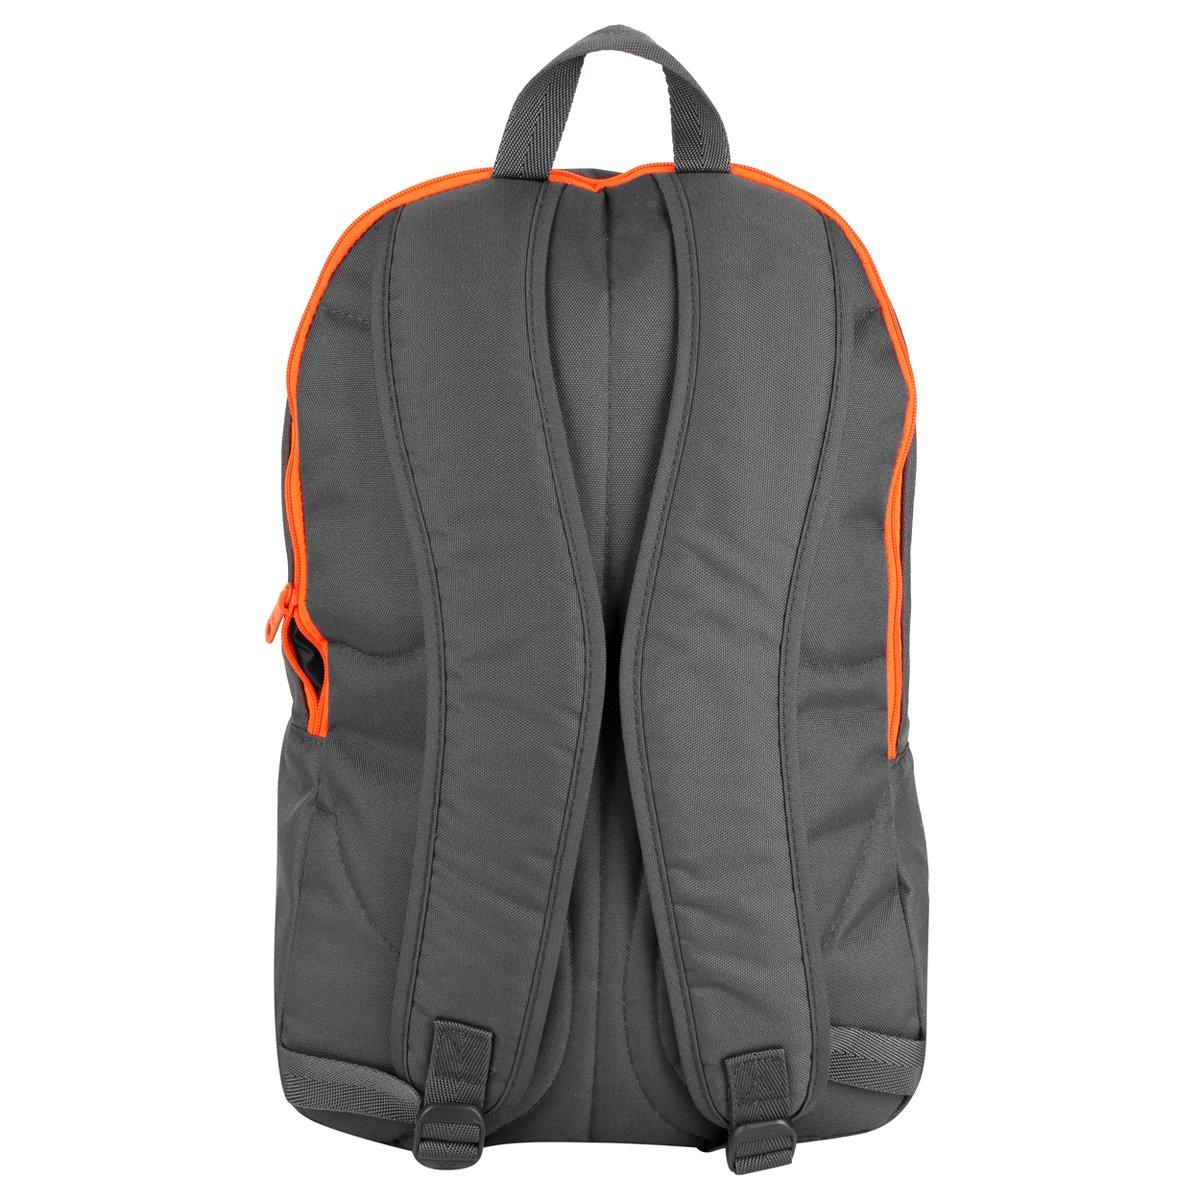 7f952813d7 Mochila Adidas Originals Ess Adicolor - Compre Agora